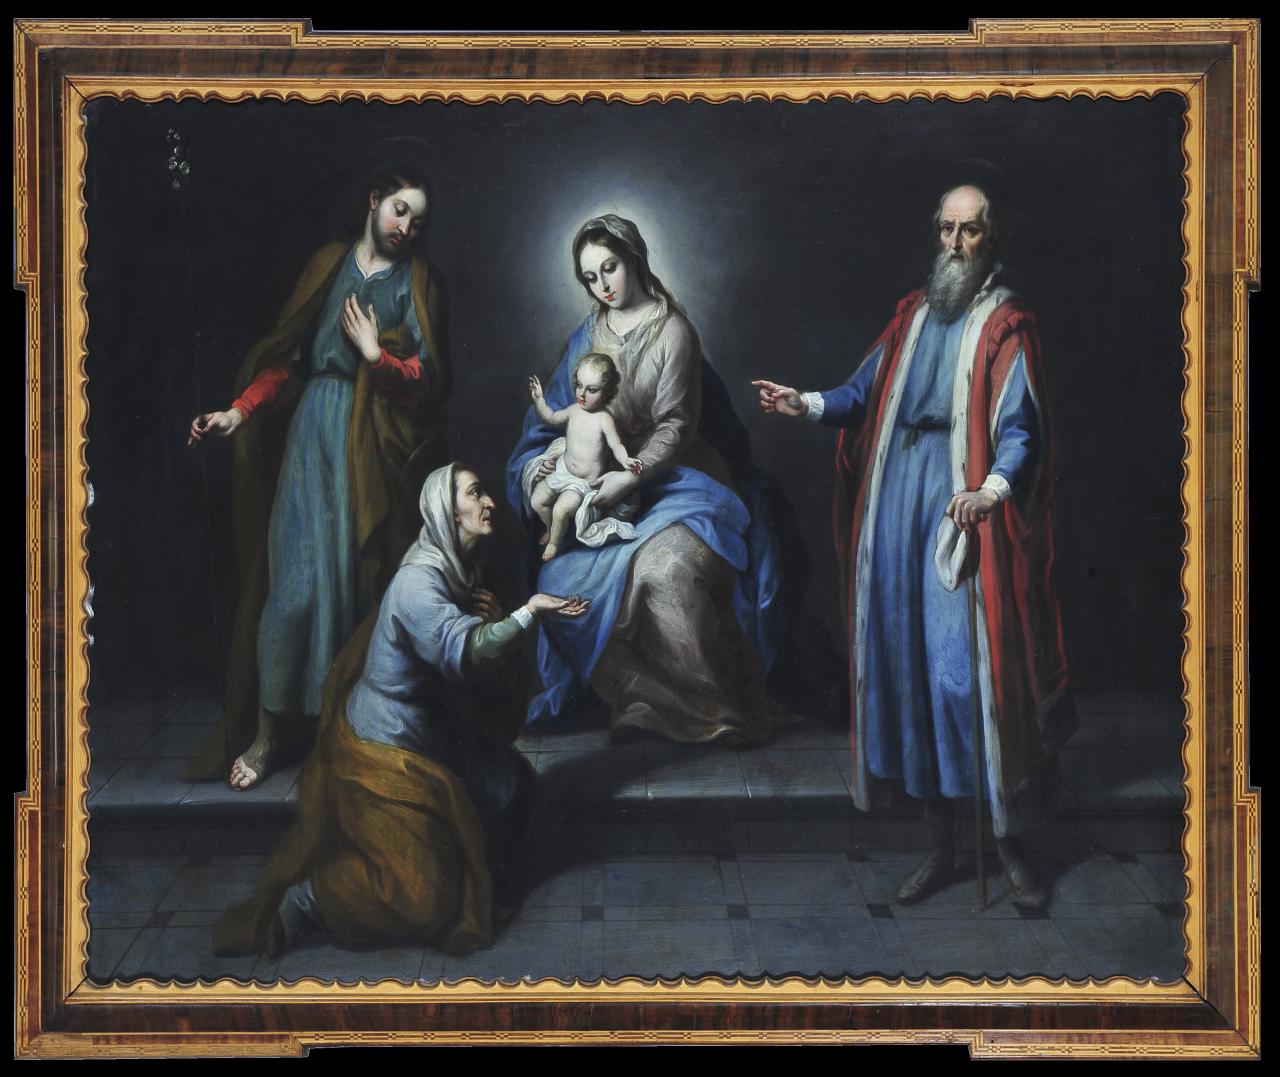 Los cinco señores | Creación y restauración: lo singular y complejo del arte | Museo Amparo, Puebla